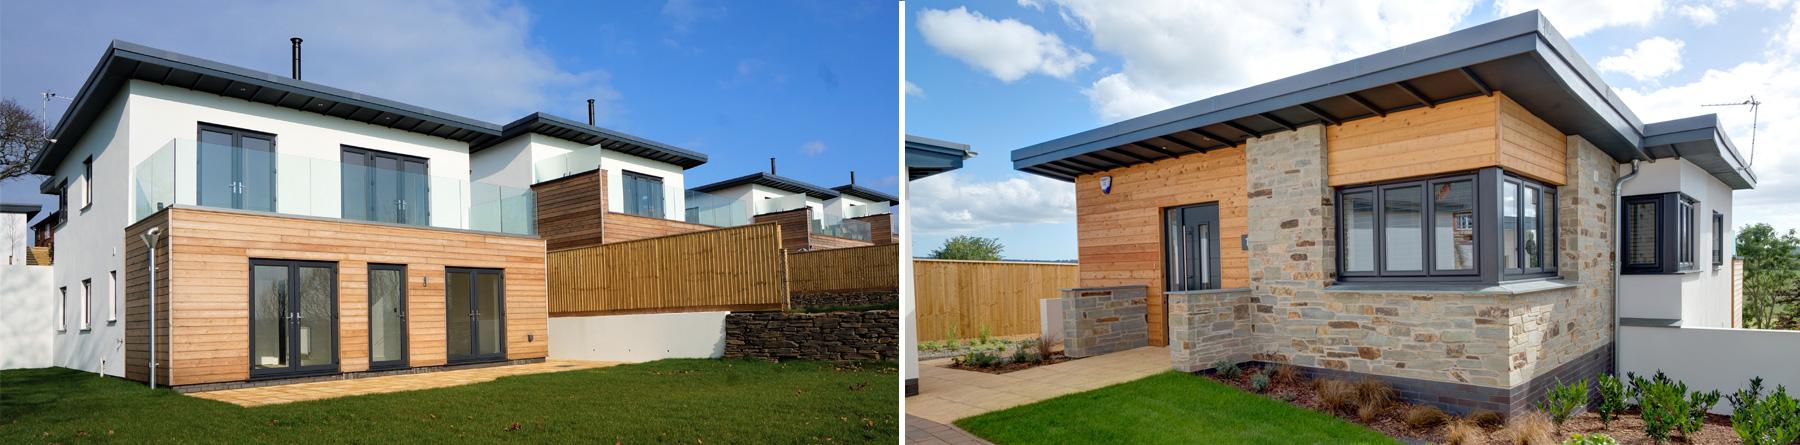 home-cedar-double-view